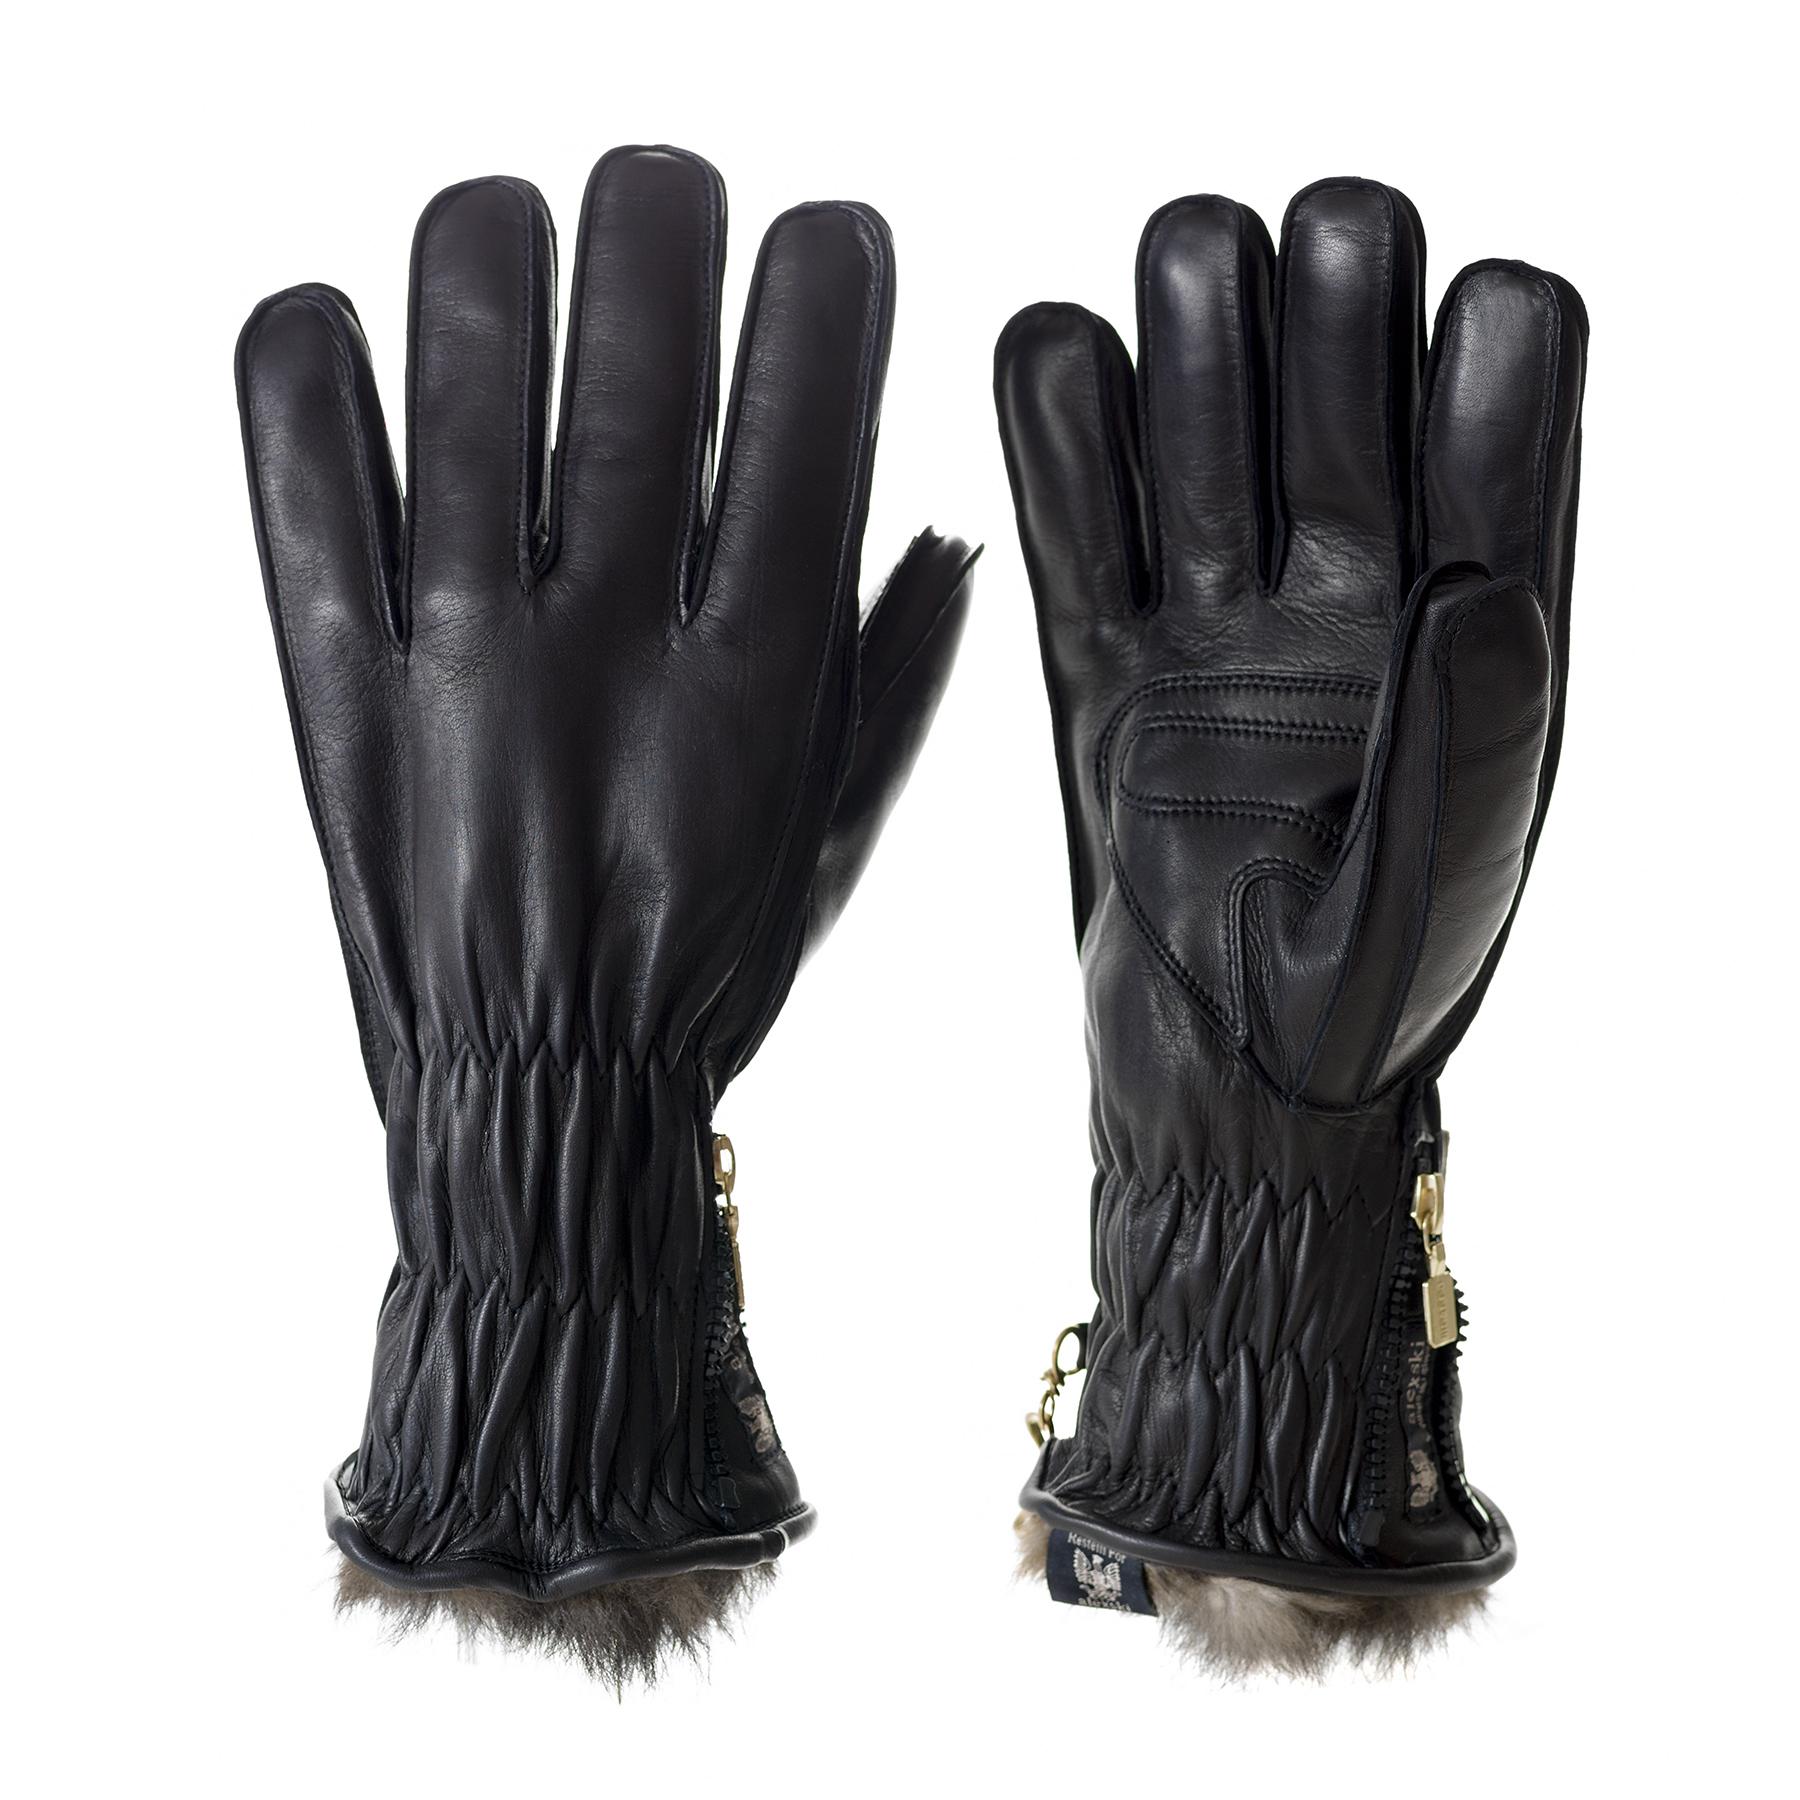 Men's Black Leather Ski Glove